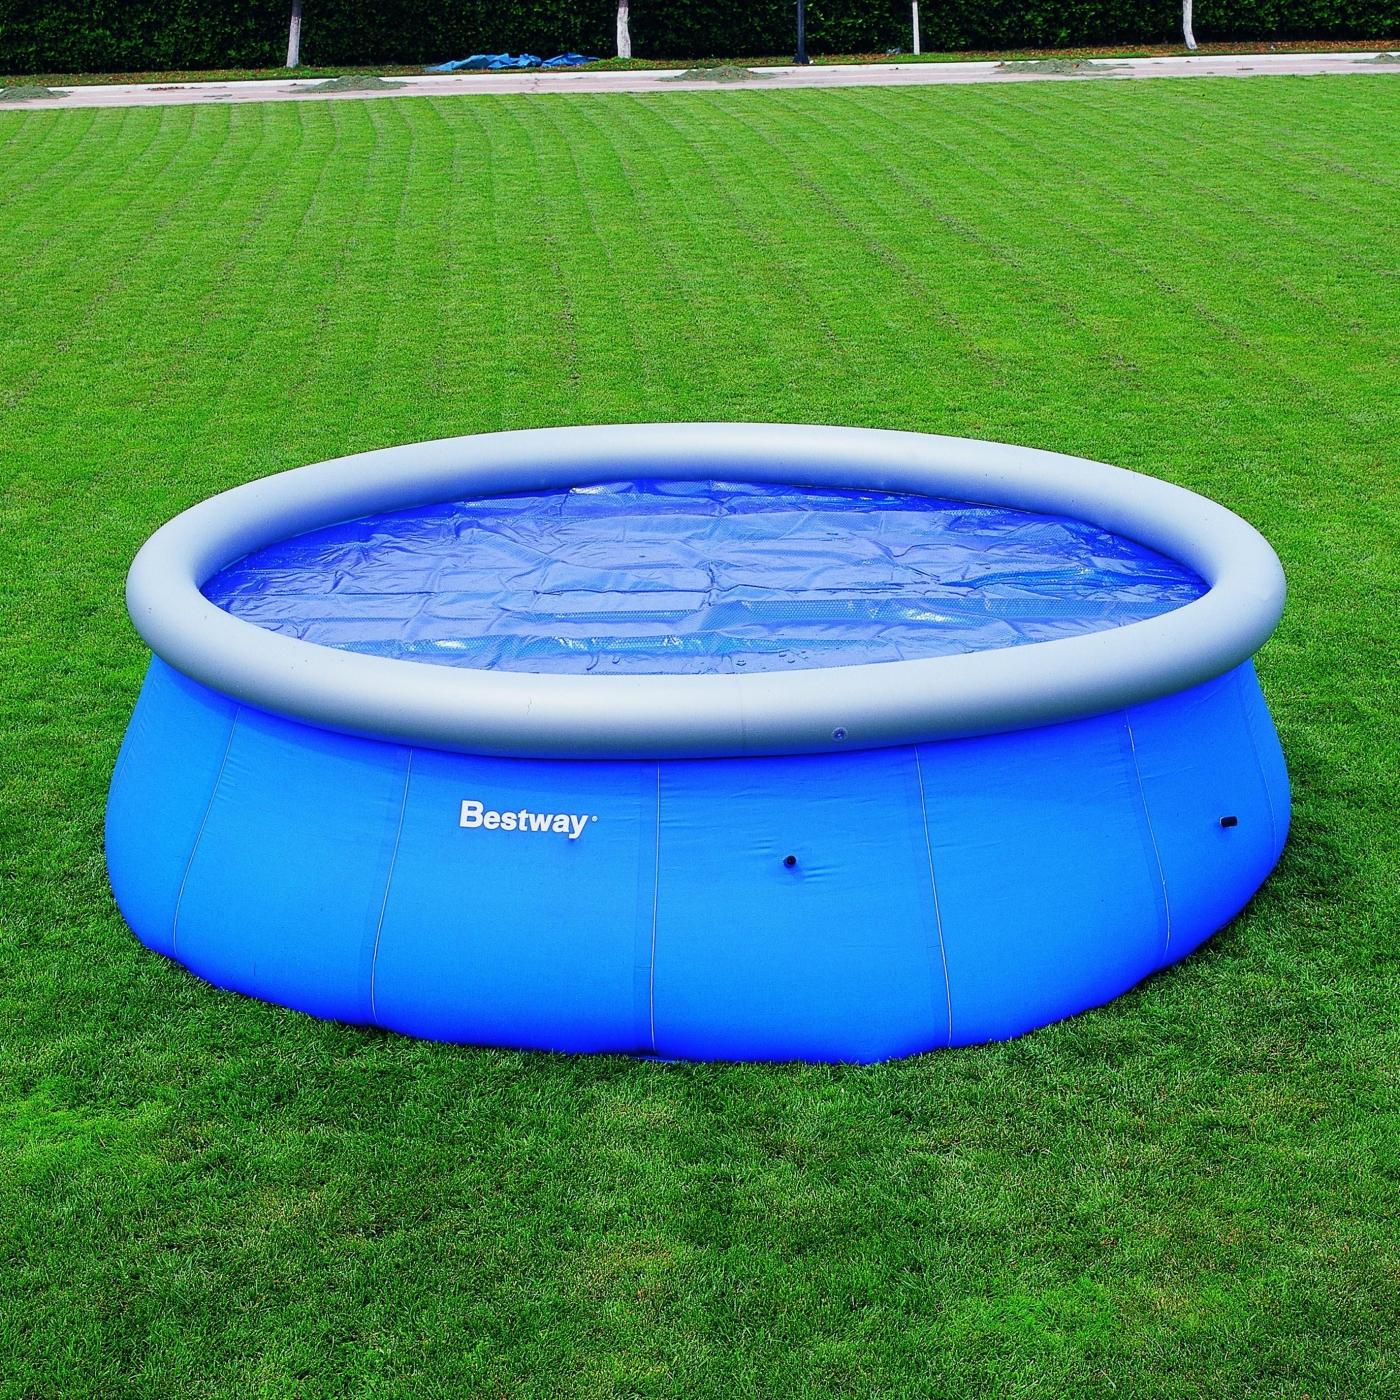 Cobertor solar para piscina fast set 457 cm por 34 95 en for Piscinas bestway opiniones